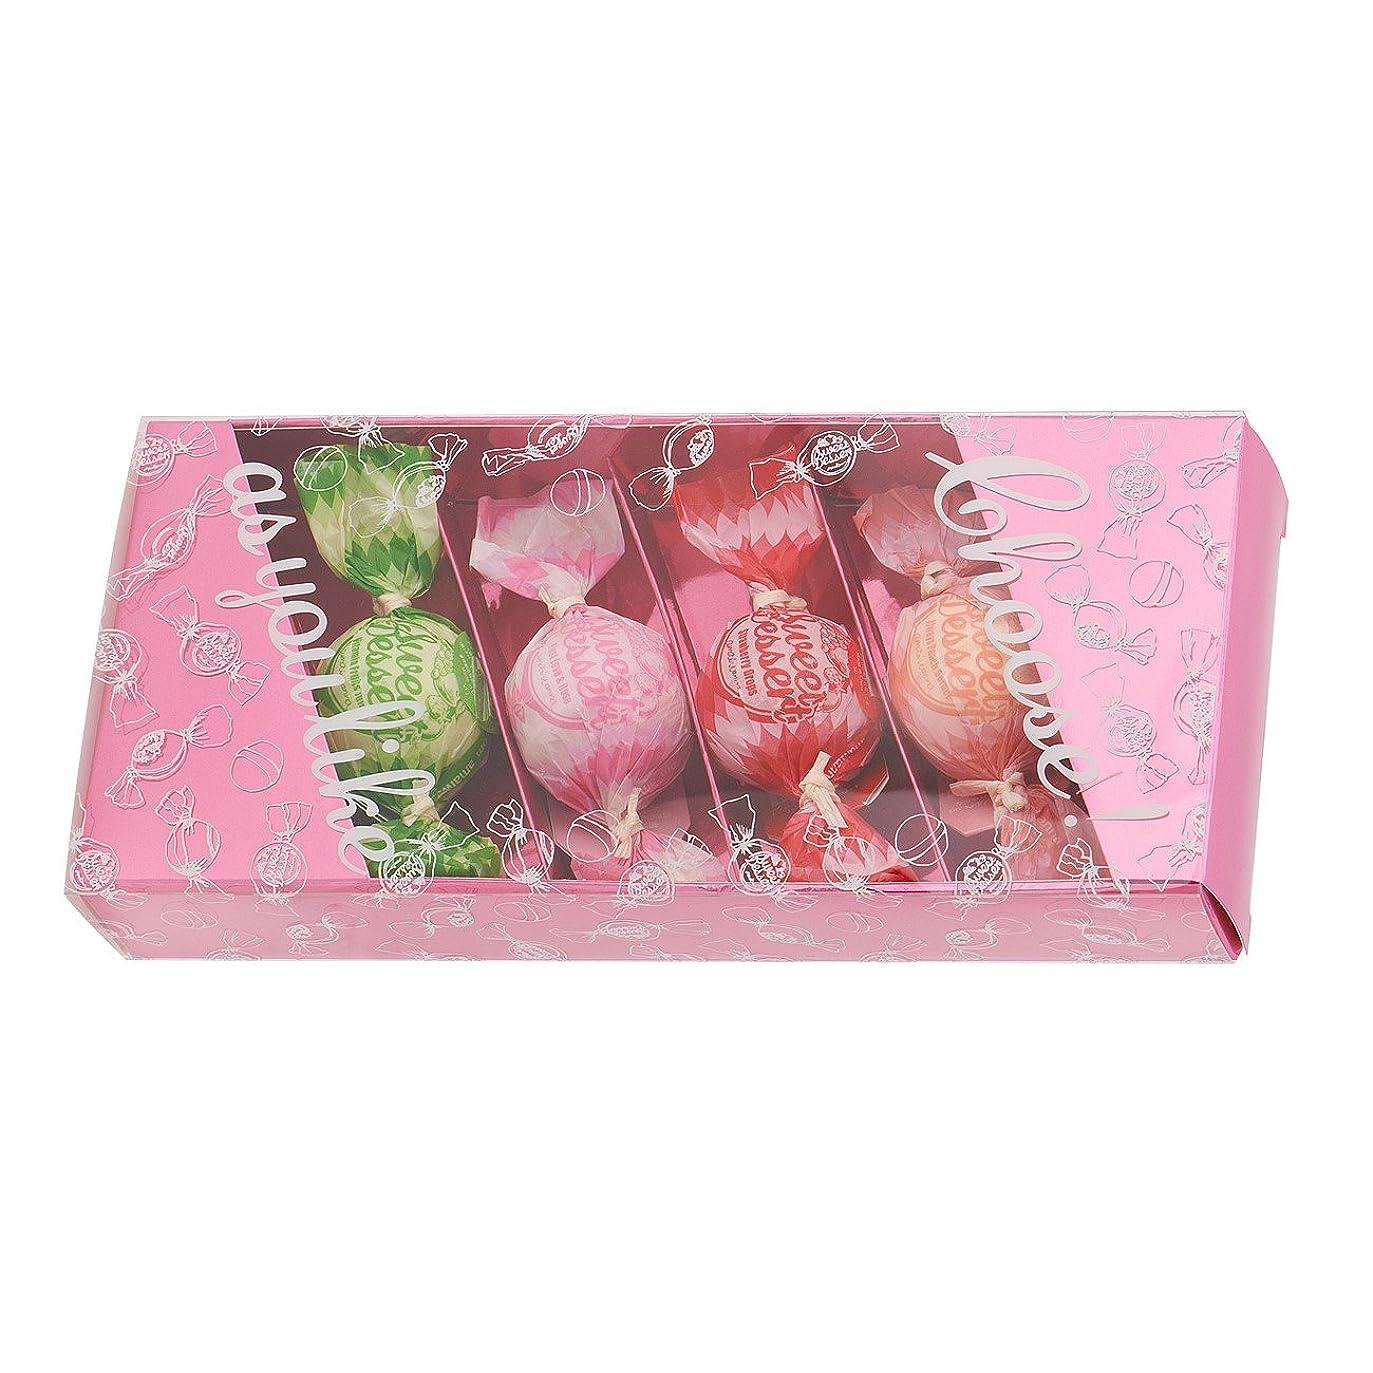 ビーチスコア警報アマイワナ バスキャンディー4粒ギフトセット(35g×4個) ピンク(発泡タイプ入浴料 バスギフト)